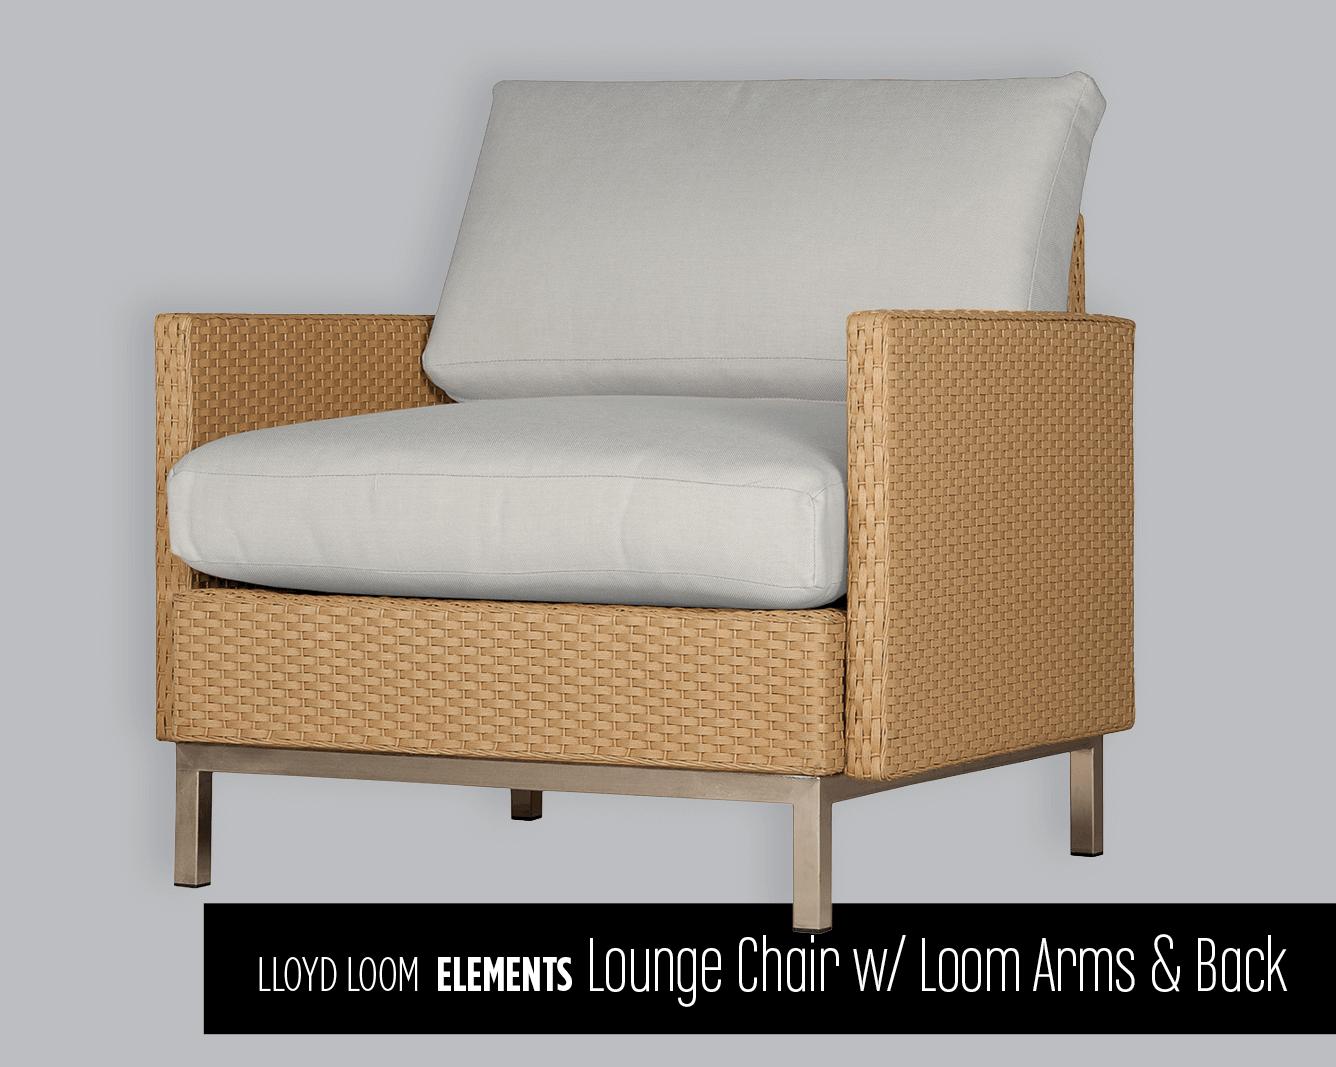 Lloyd Loom Elements Lounge Chair